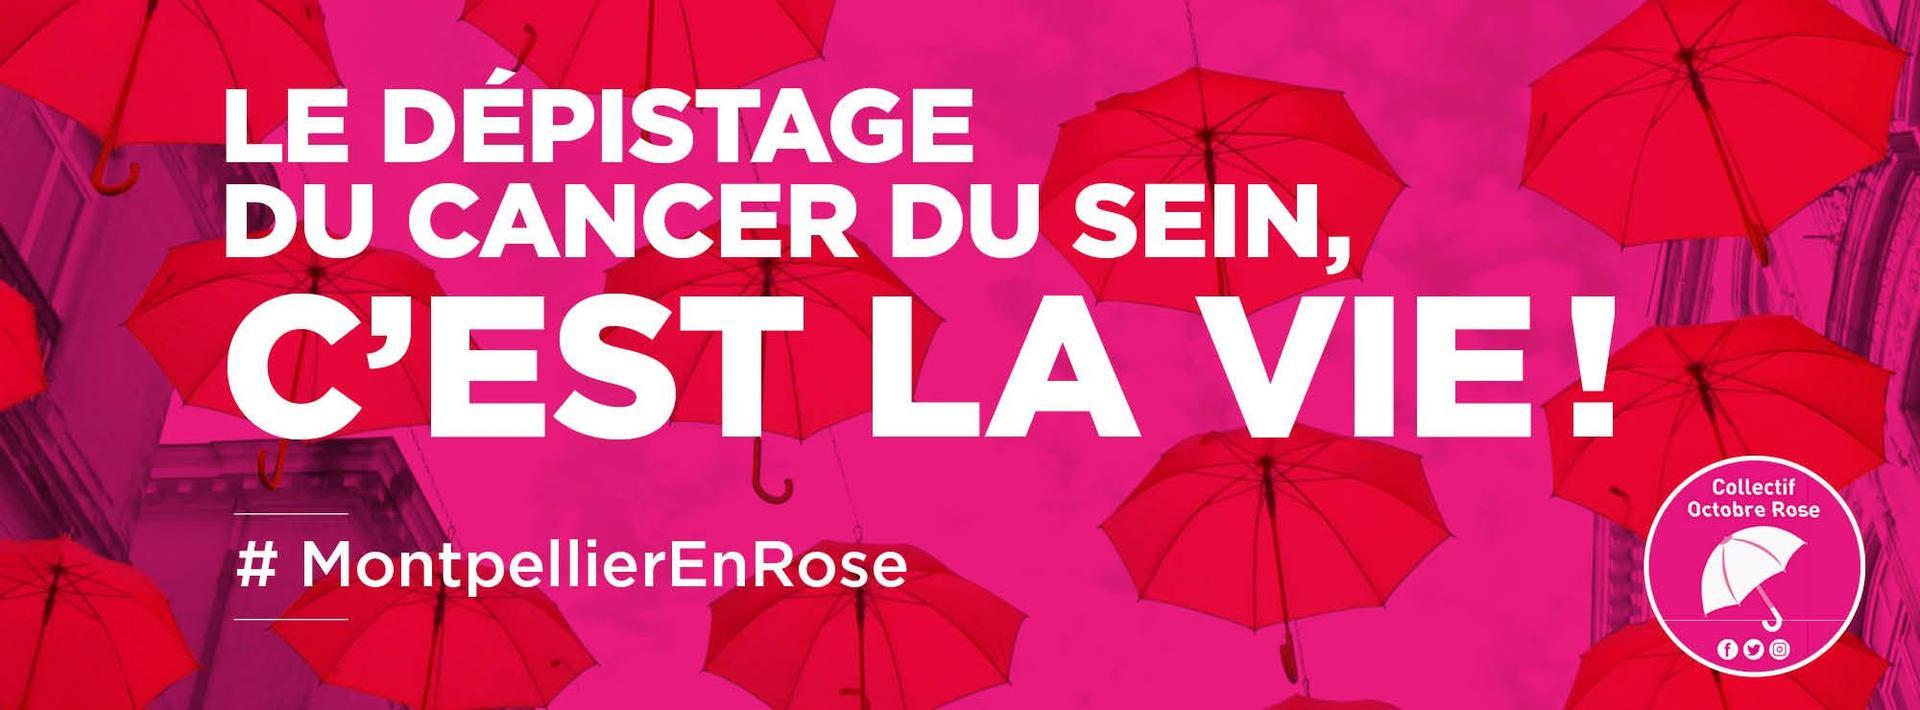 Dépistage cancer du sein   Ville de Montpellier